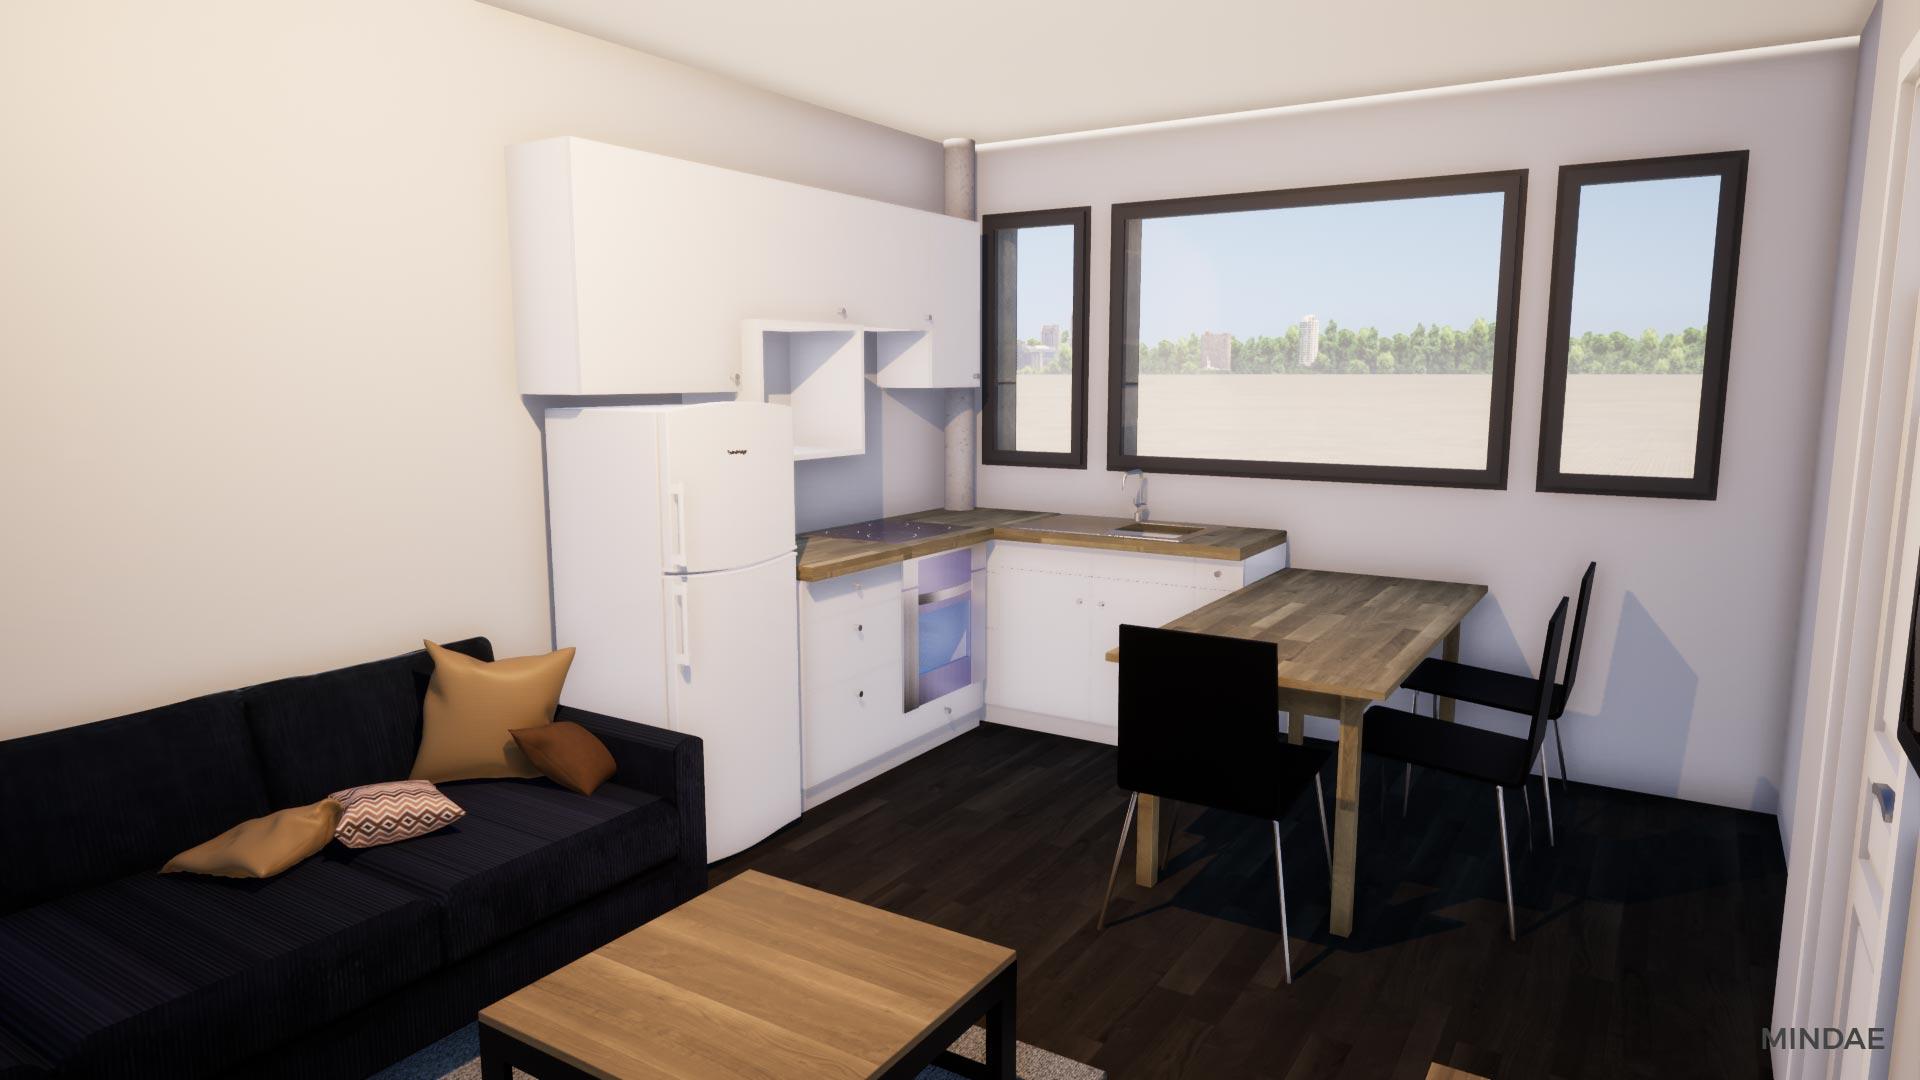 Mindae_3D_AS_Immobilier_salon_cuisine_etudiant_colocation_investisseur_amenagement_interieur_caen_projet_A-(3)